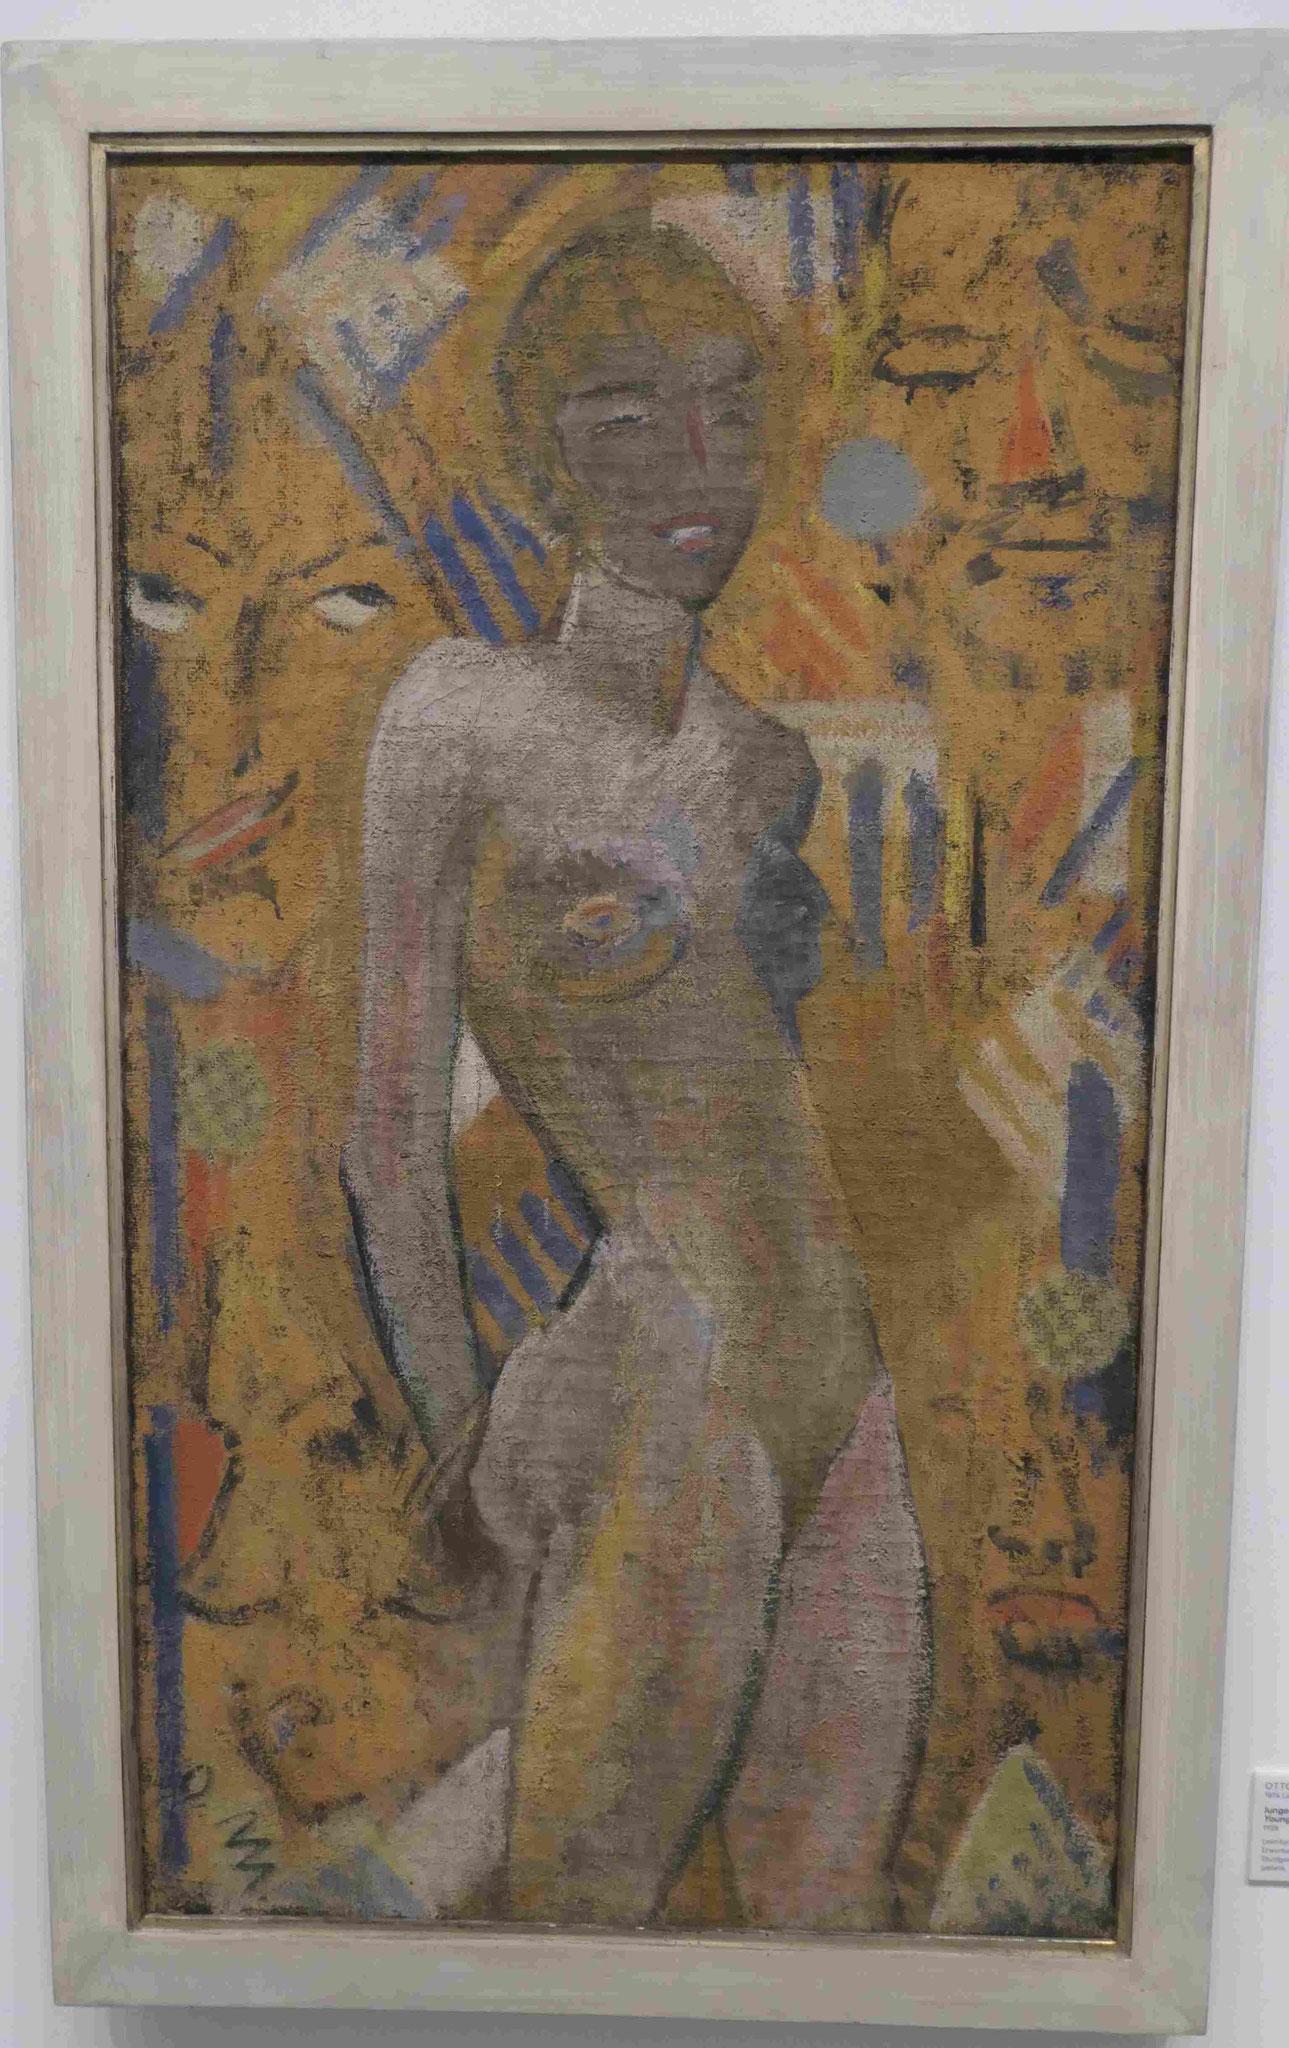 Otto Mueller, Junges Mädchen vor Männerköpfen, 1927, Nationalgalerie Berlin